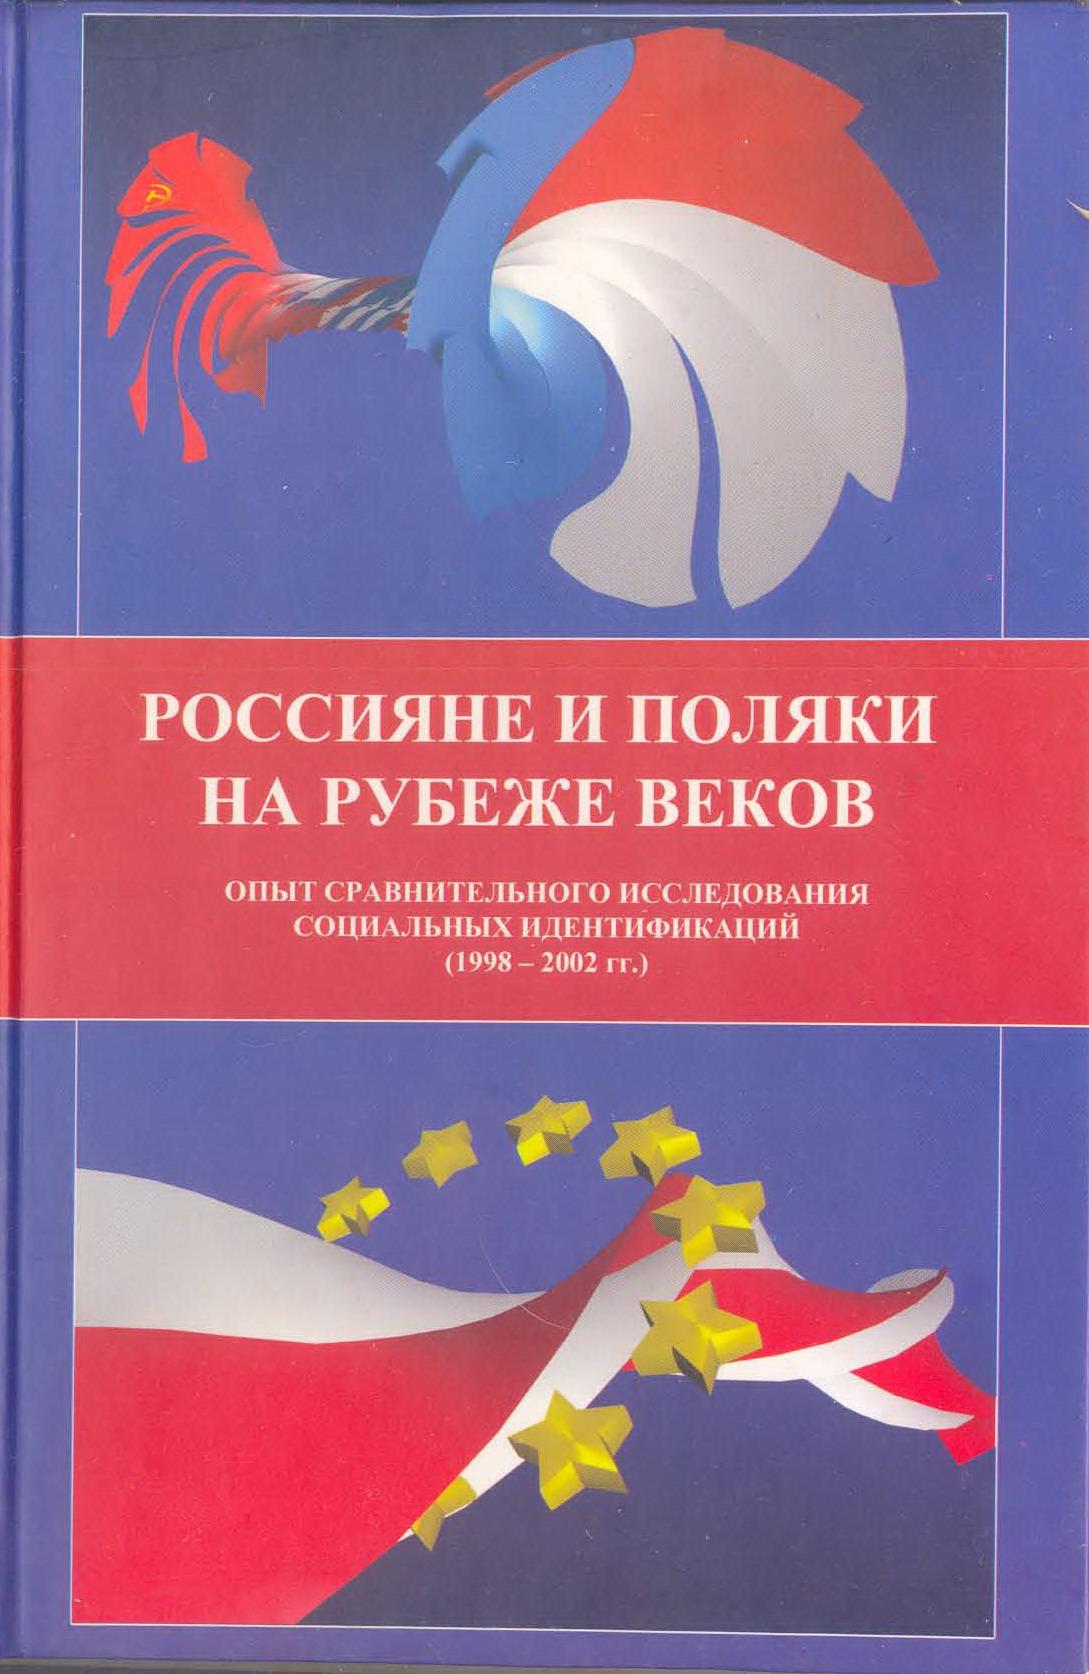 Россияне и поляки на рубеже веков